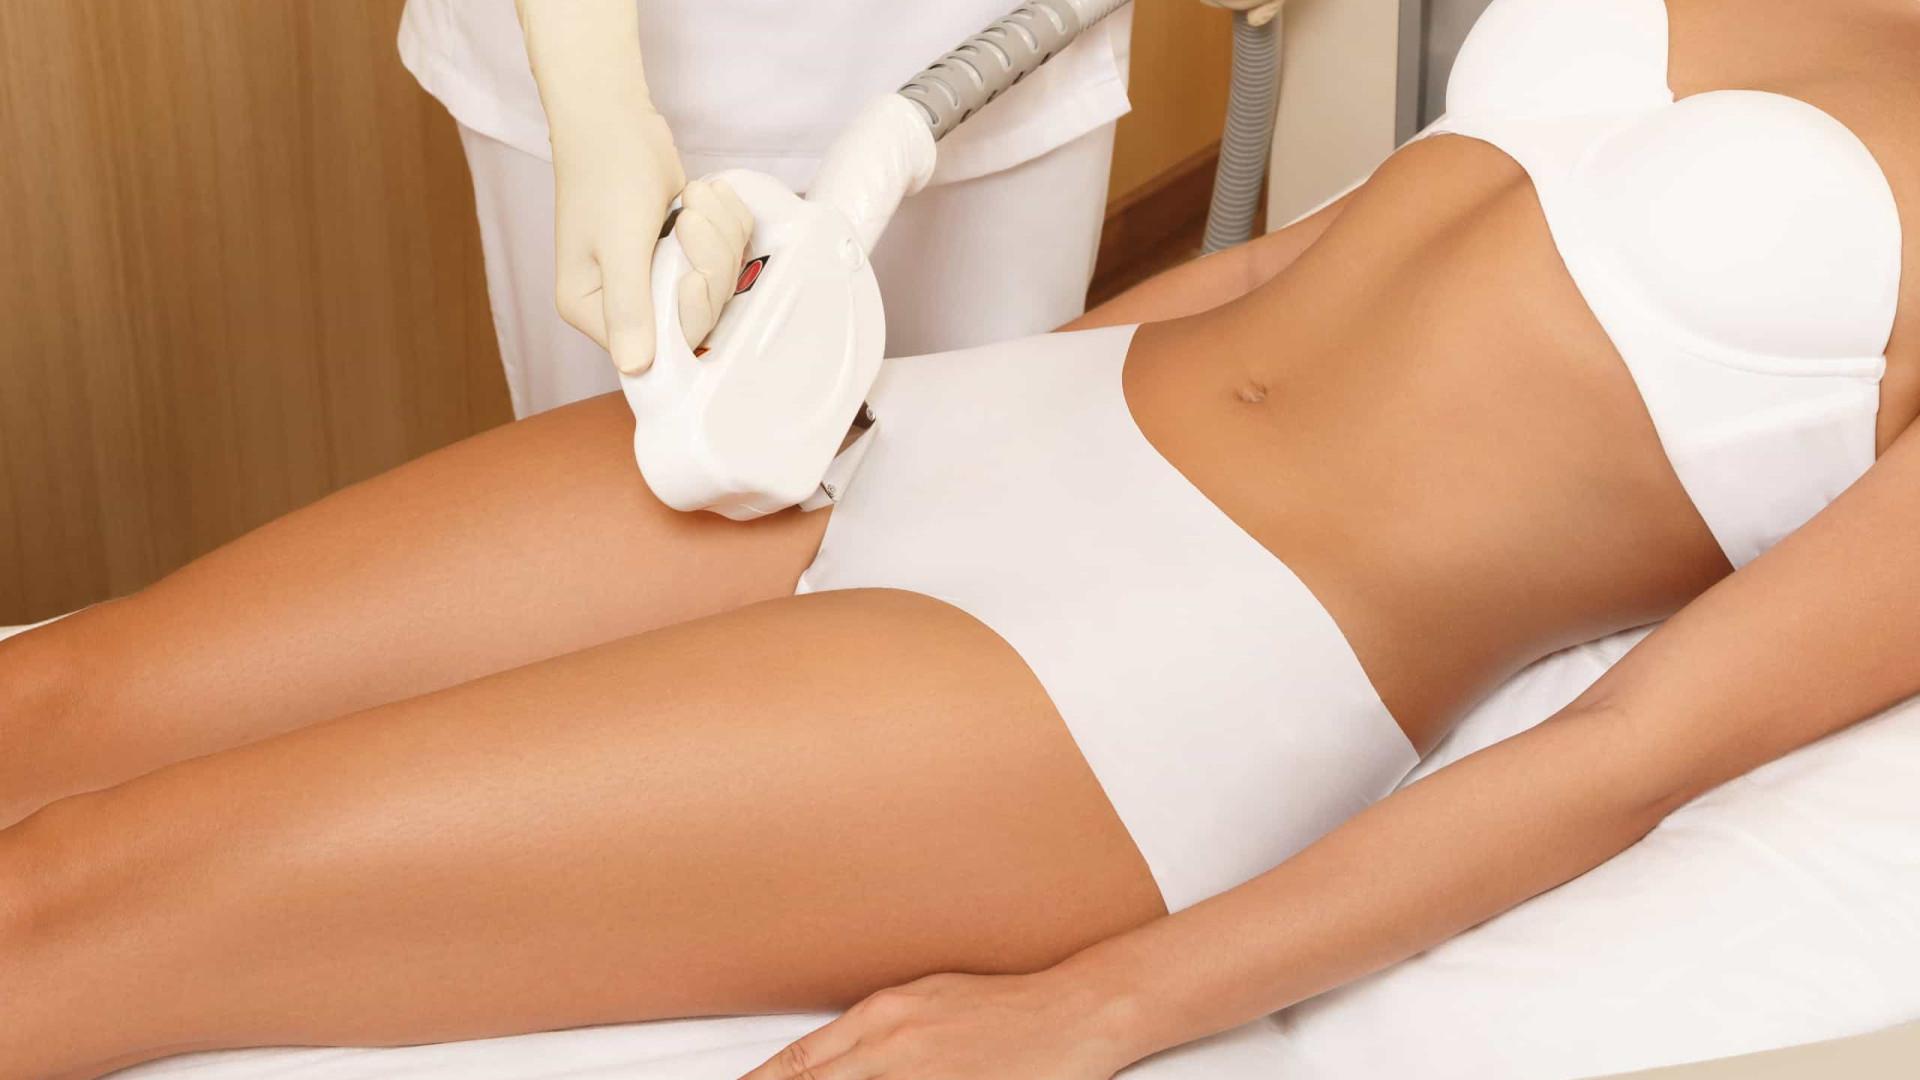 Mitos e verdades sobre a depilação a laser